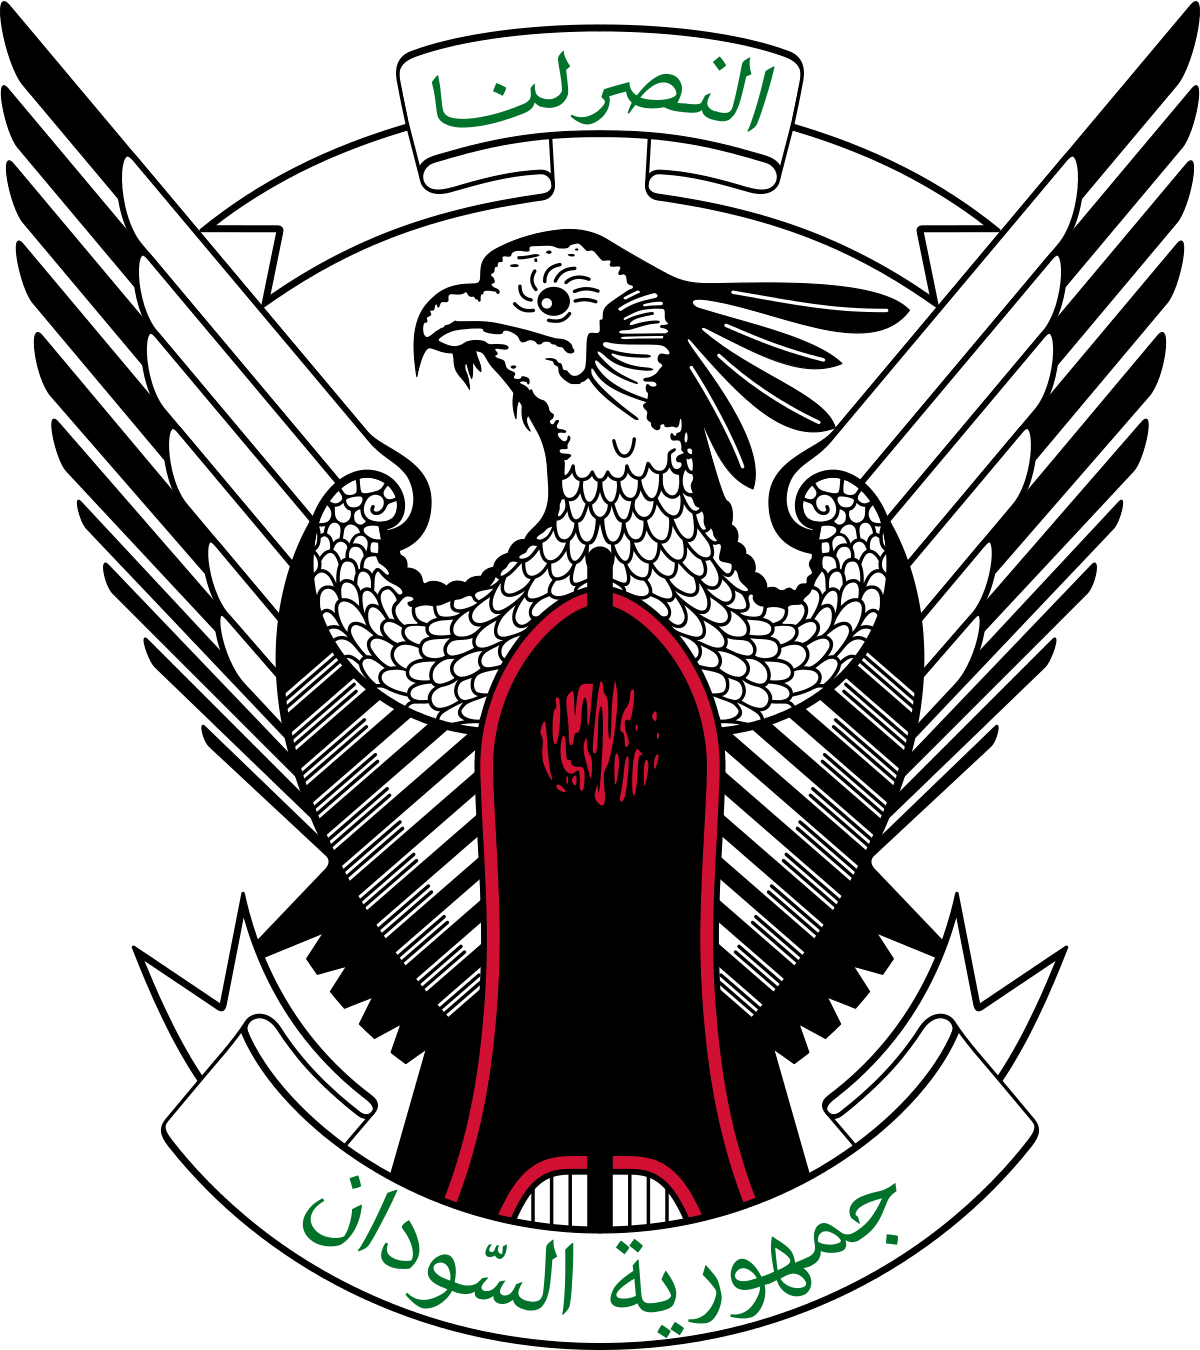 Congress clipart political structure. Politics of sudan wikipedia